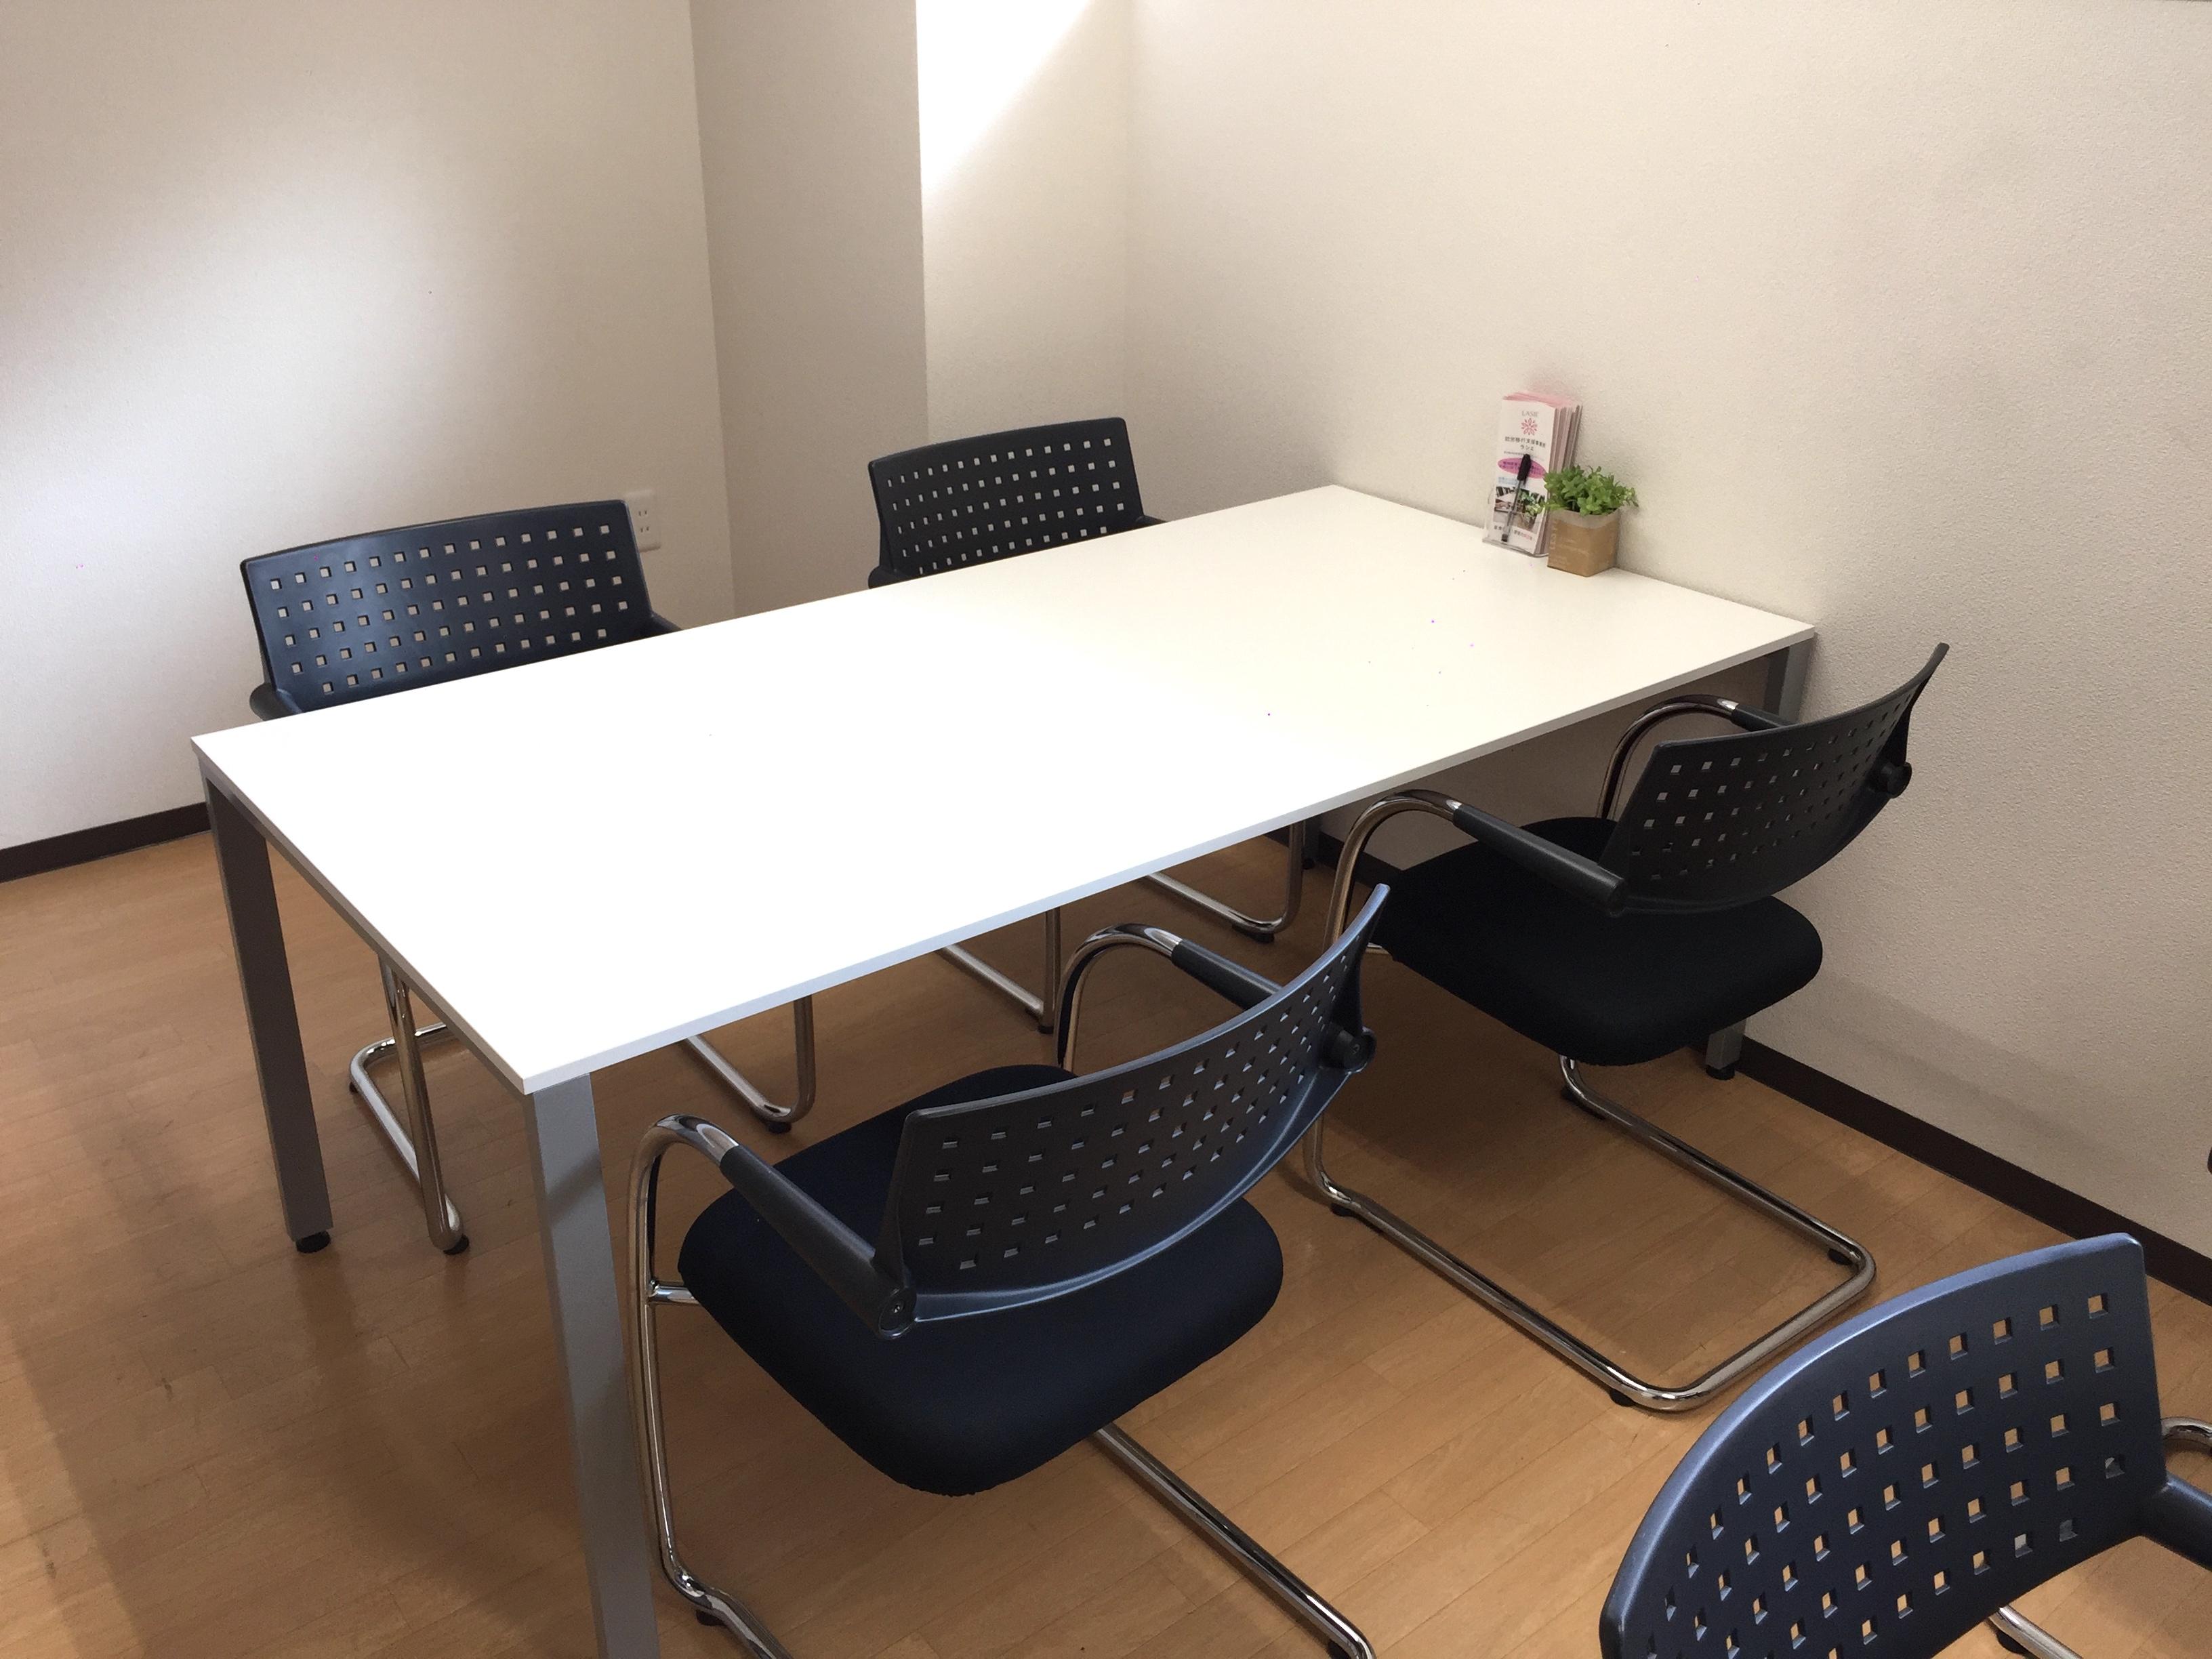 就労移行支援事業所 ラシエの面談室